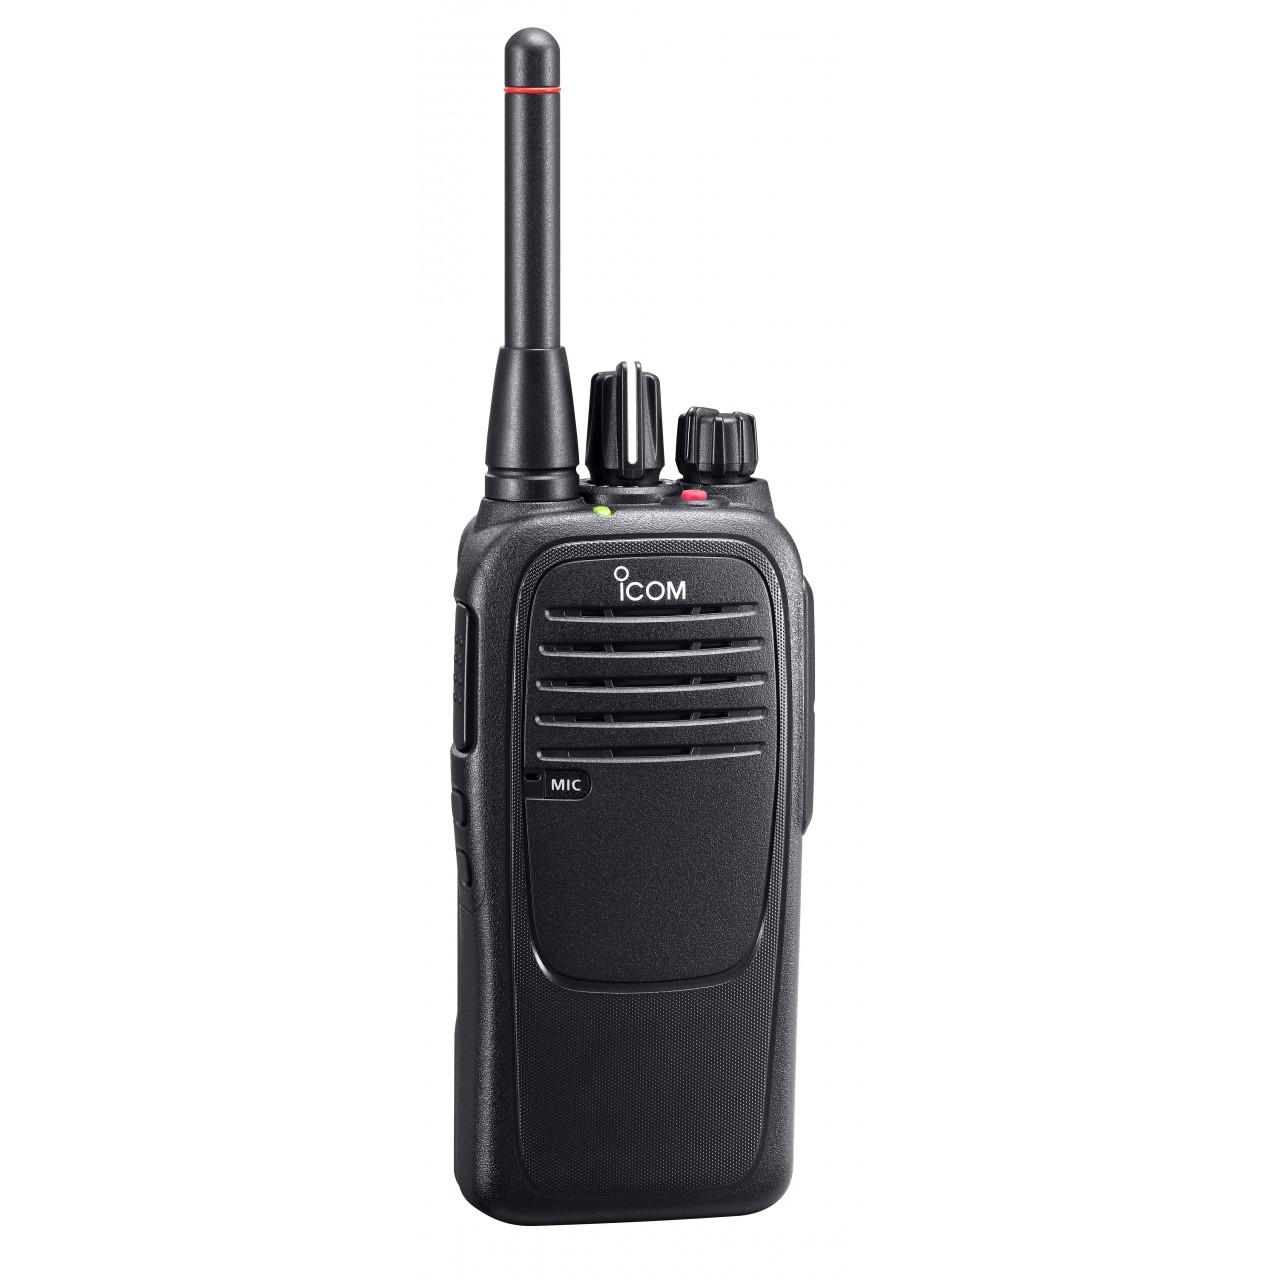 IC-F29SR2 Handhelds - ICOM